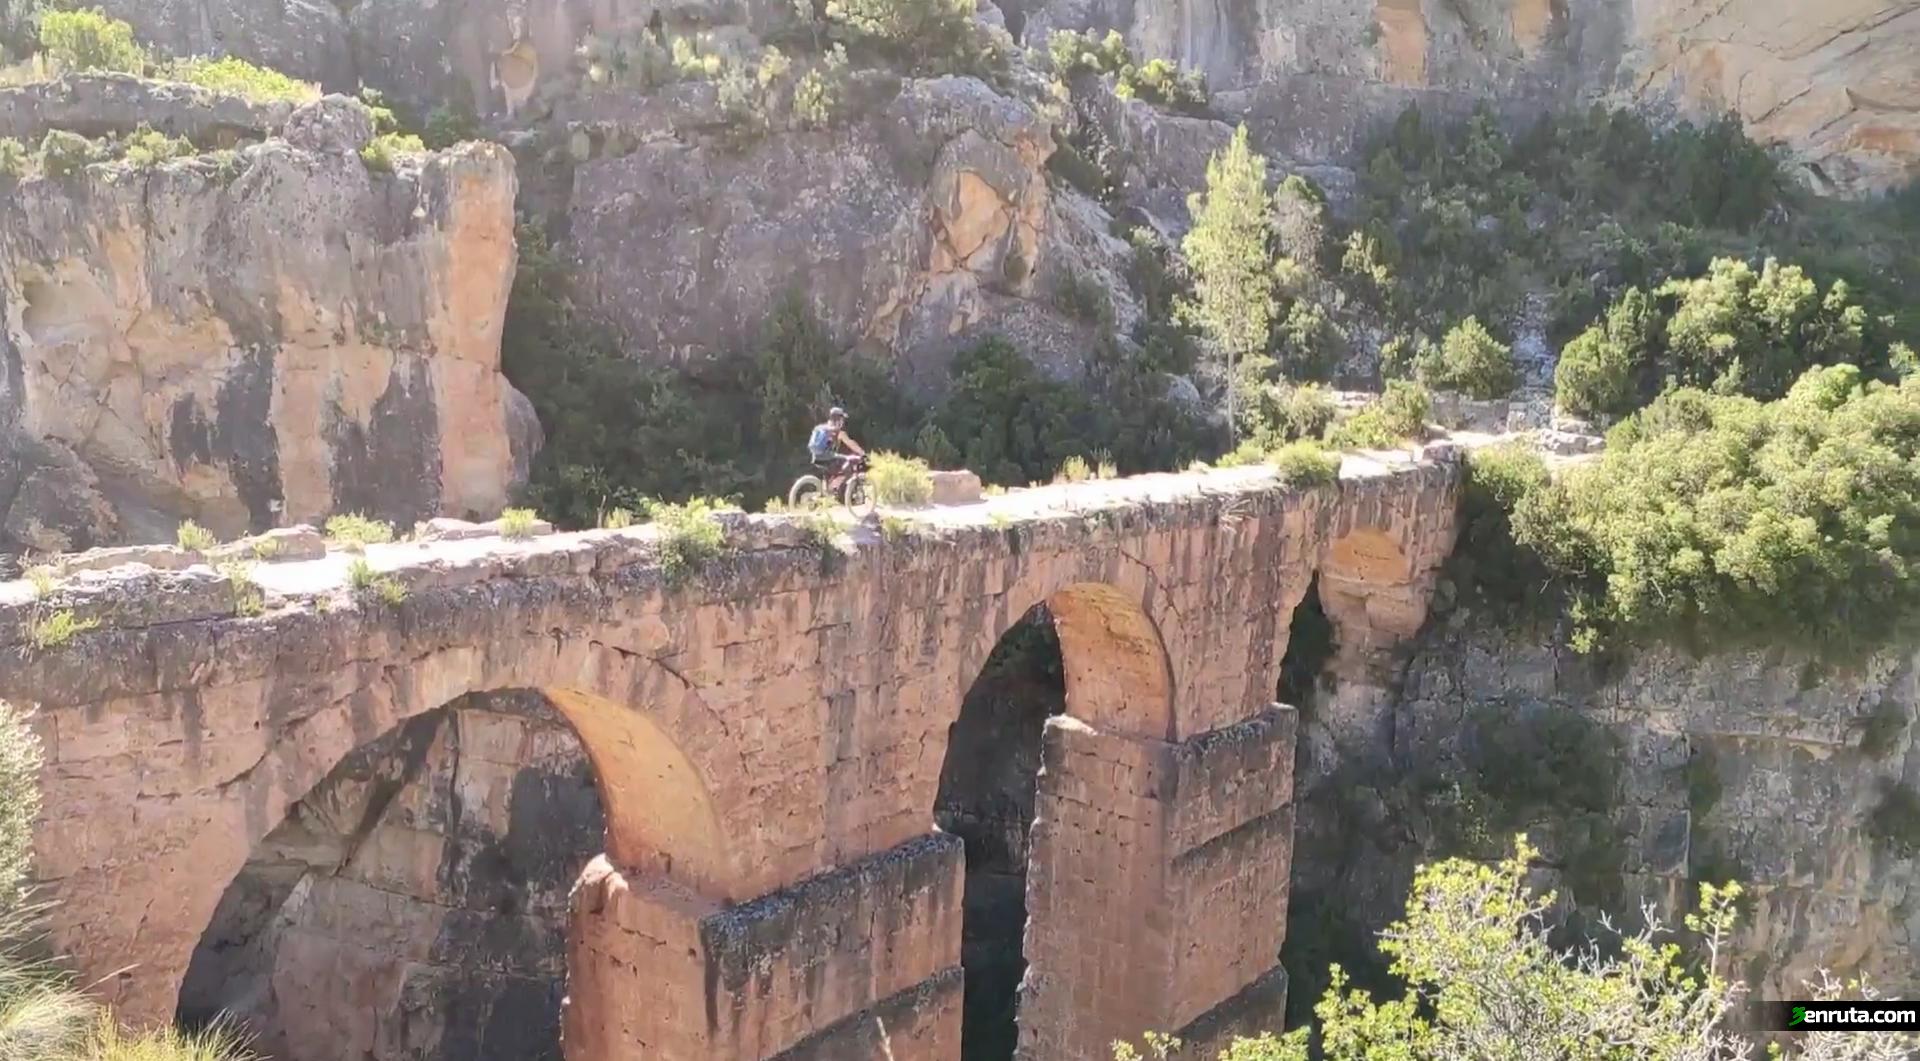 Cruzando el Acueducto Romano de Peña Cortada en Calles